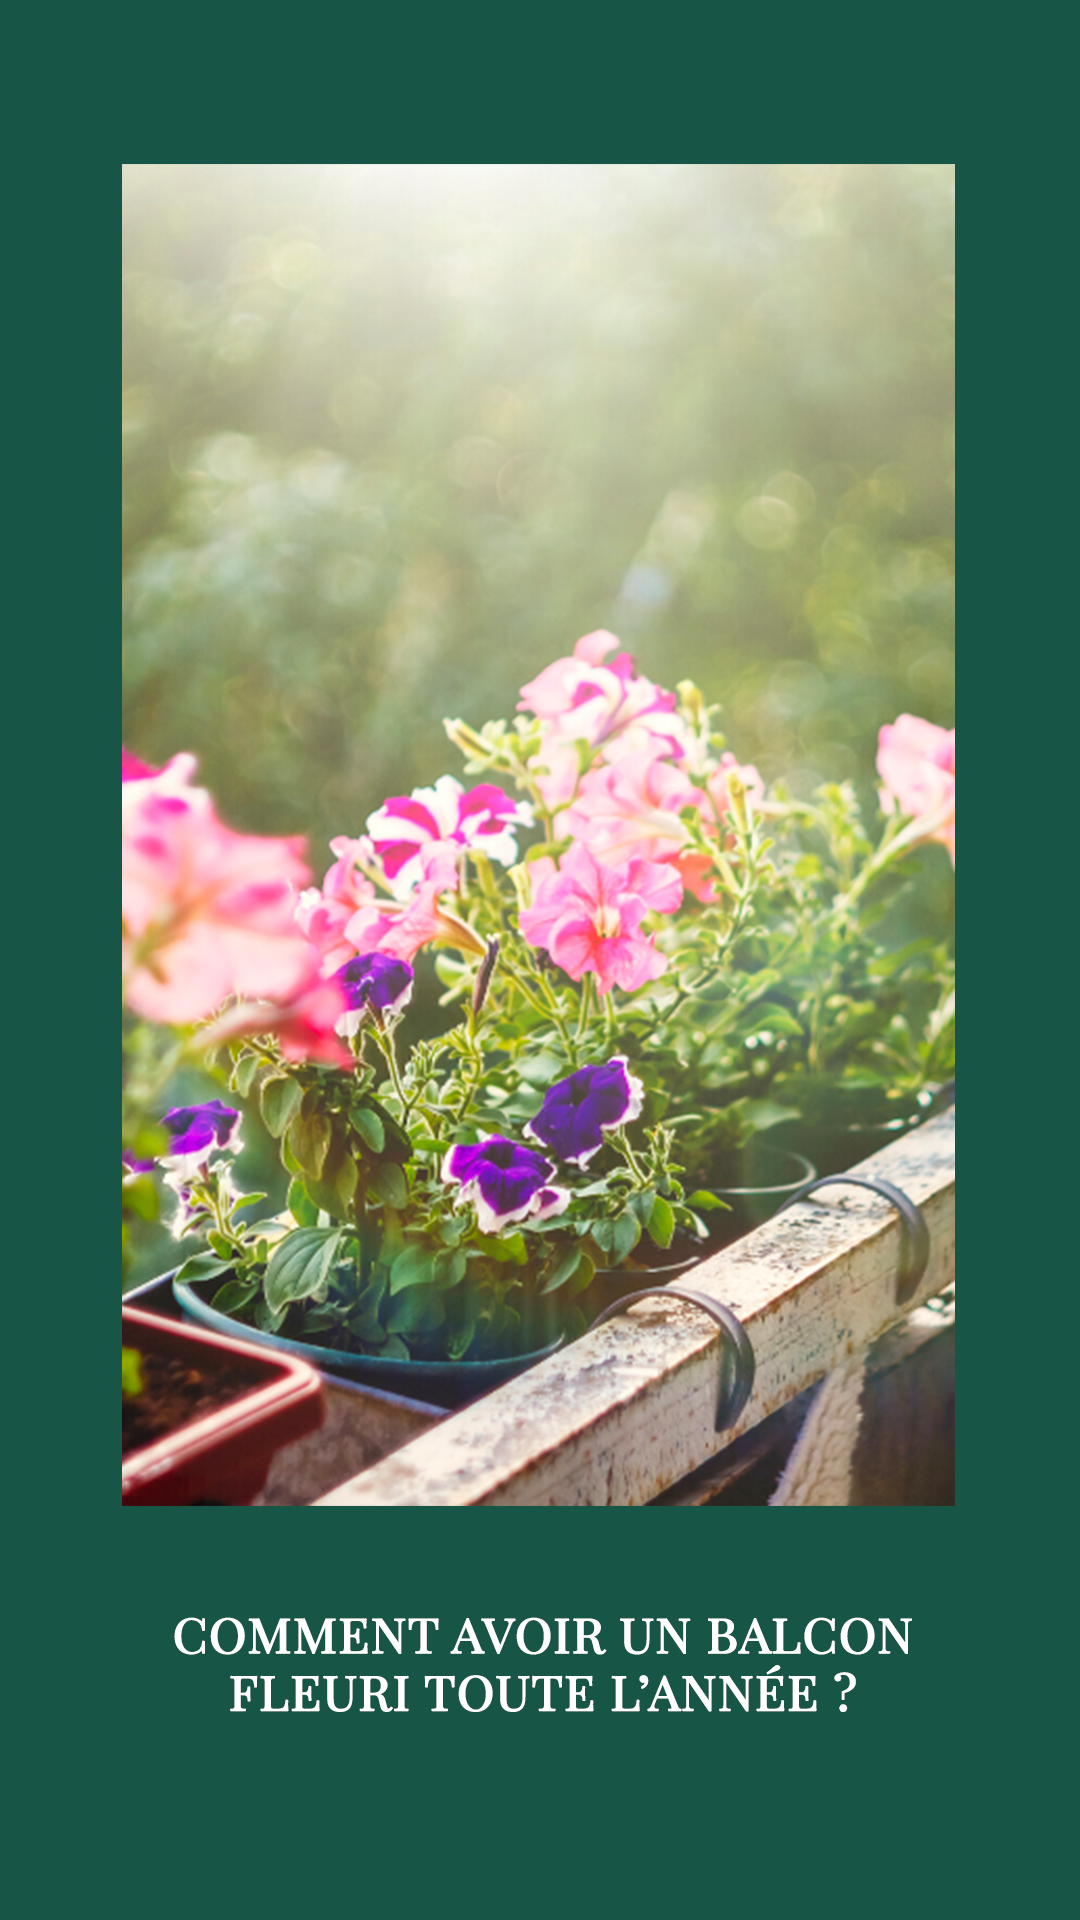 Comment Avoir Un Jardin Fleuri Toute L Année : comment, avoir, jardin, fleuri, toute, année, Comment, Avoir, Balcon, Fleuri, Toute, L'année, Depuis, Hamac, Jardinière, Balcon,, Plante, Exterieur